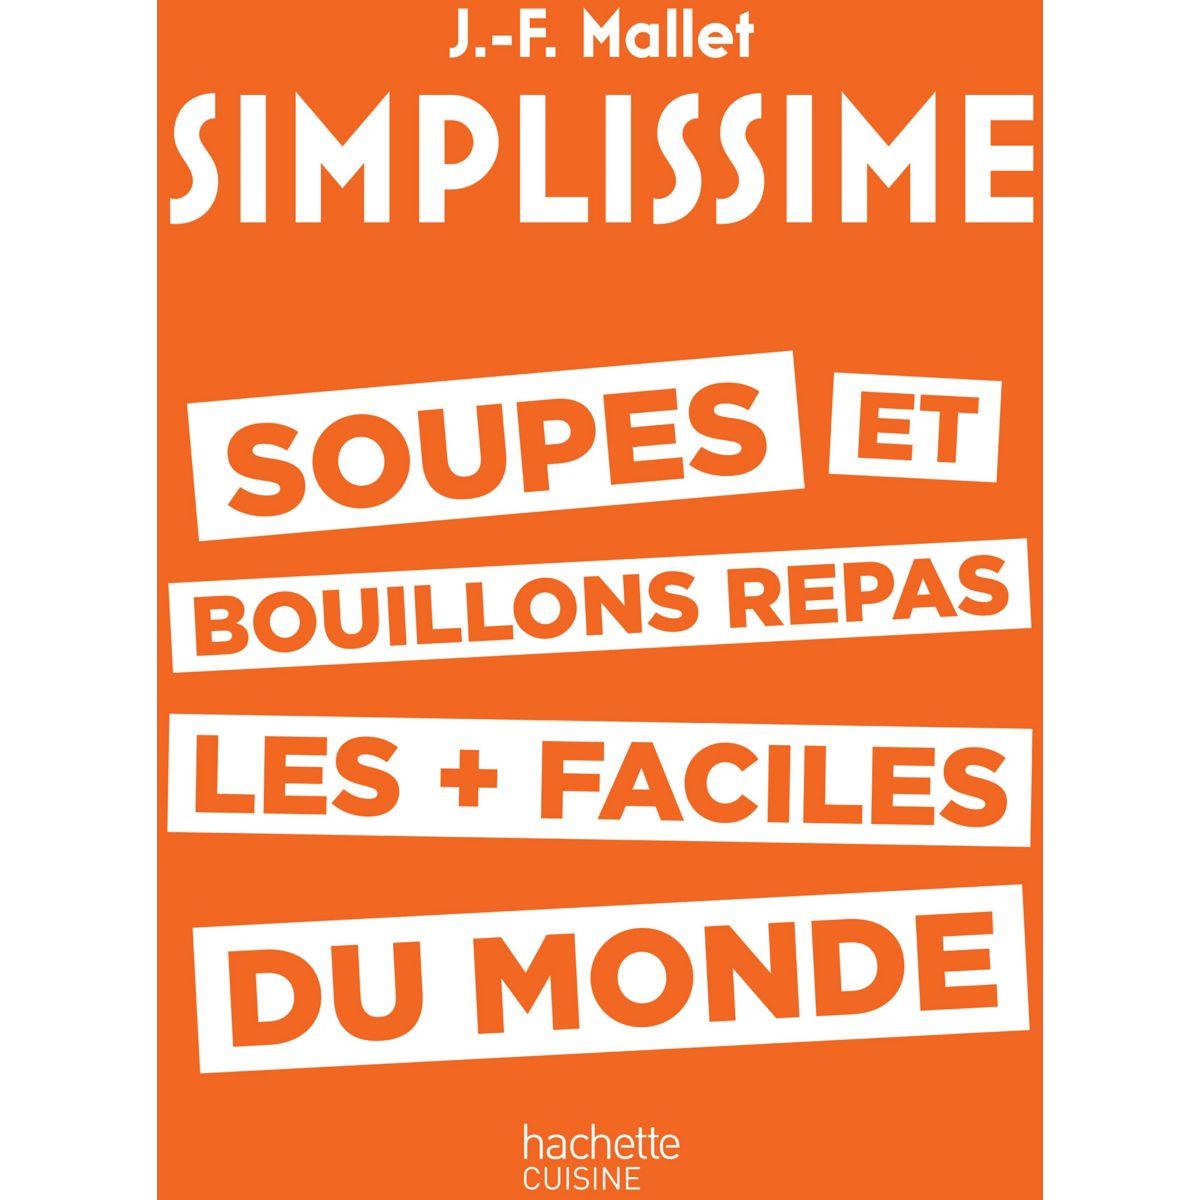 Livre HACHETTE Simplissime Soupes et bouillons